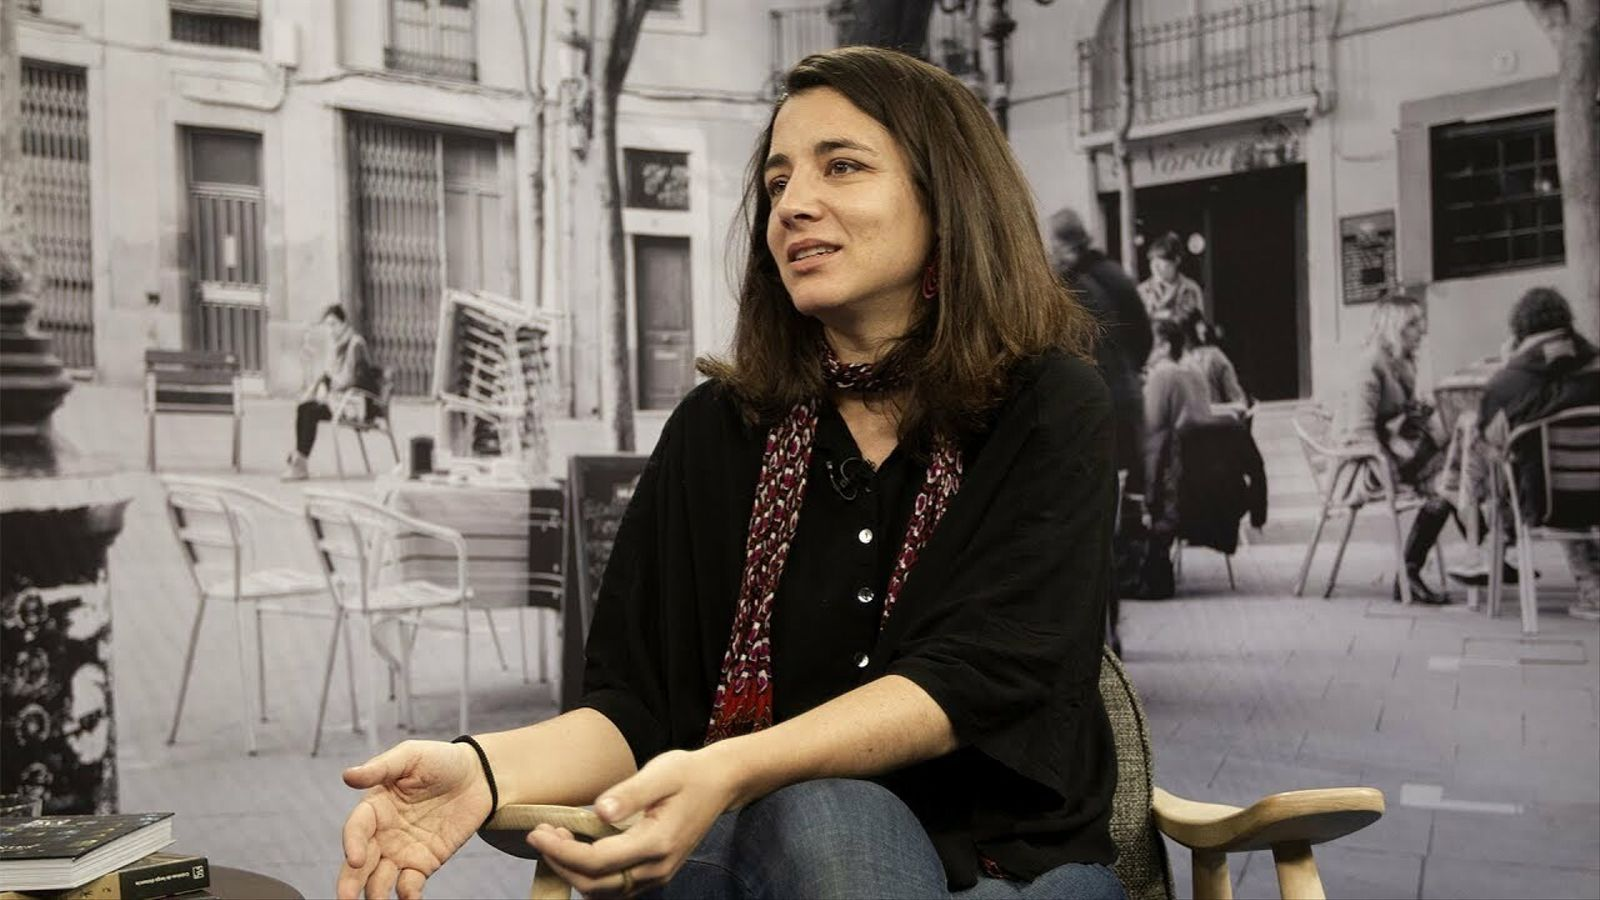 """Anna Surinyach: """"Si els atemptats són a Barcelona no publiquem fotografies de les víctimes, però si són a Síria, sí. On són els límits?"""""""